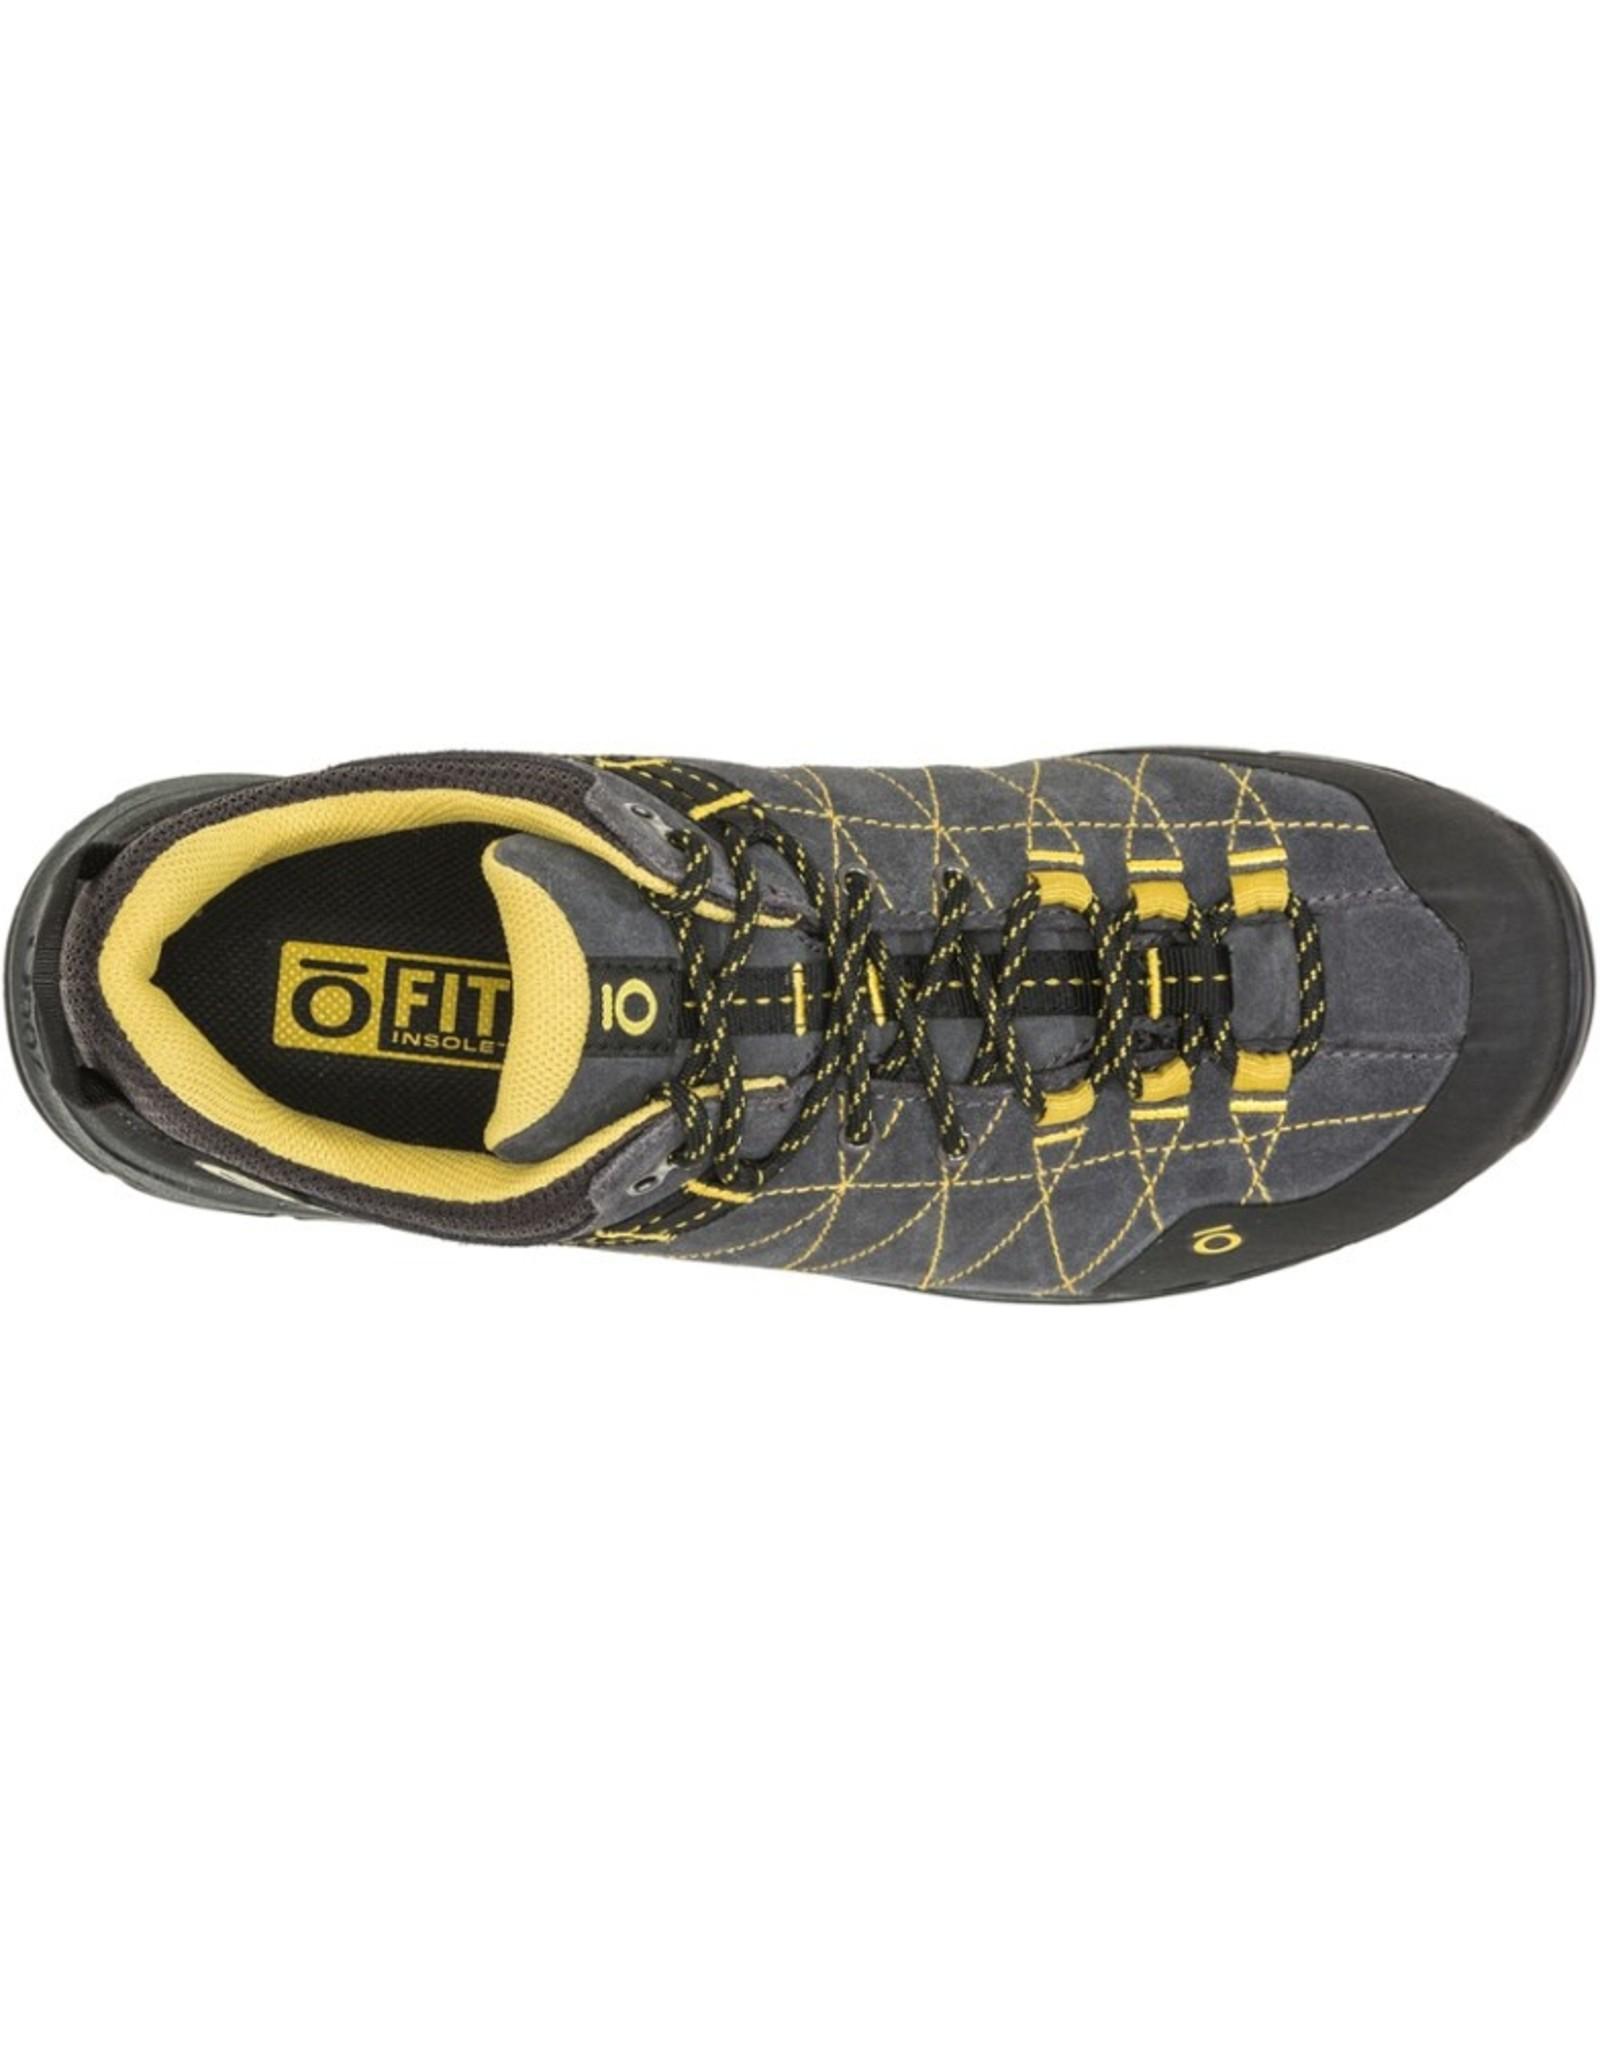 Oboz Men's Hyalite Low Shoe Dark Shadow / Lichen 8.5